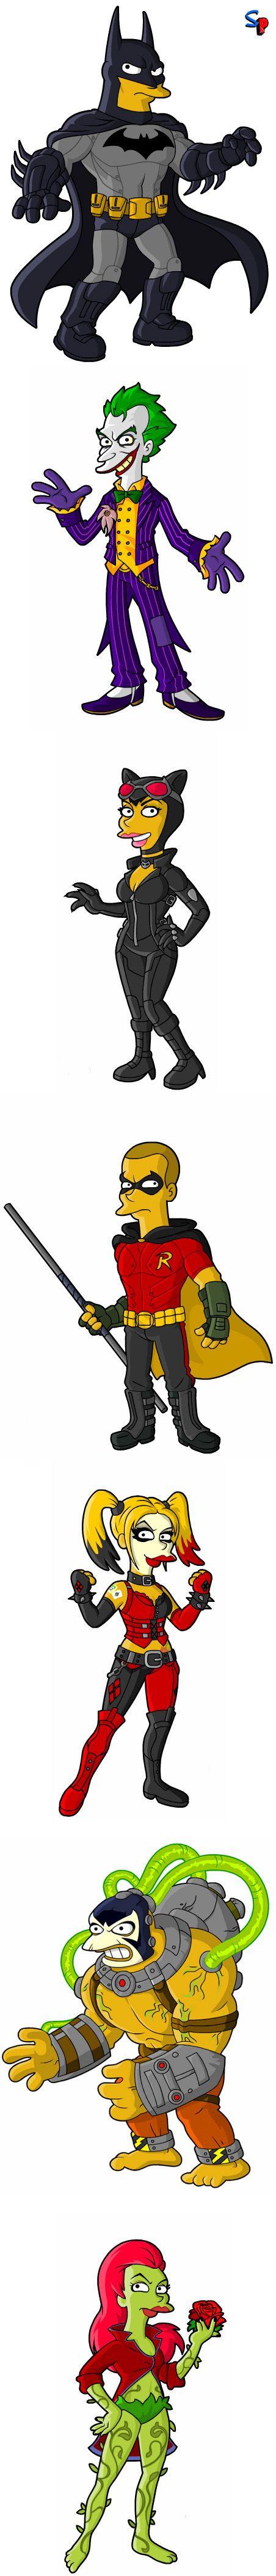 E se o Batman fosse um Simpson?